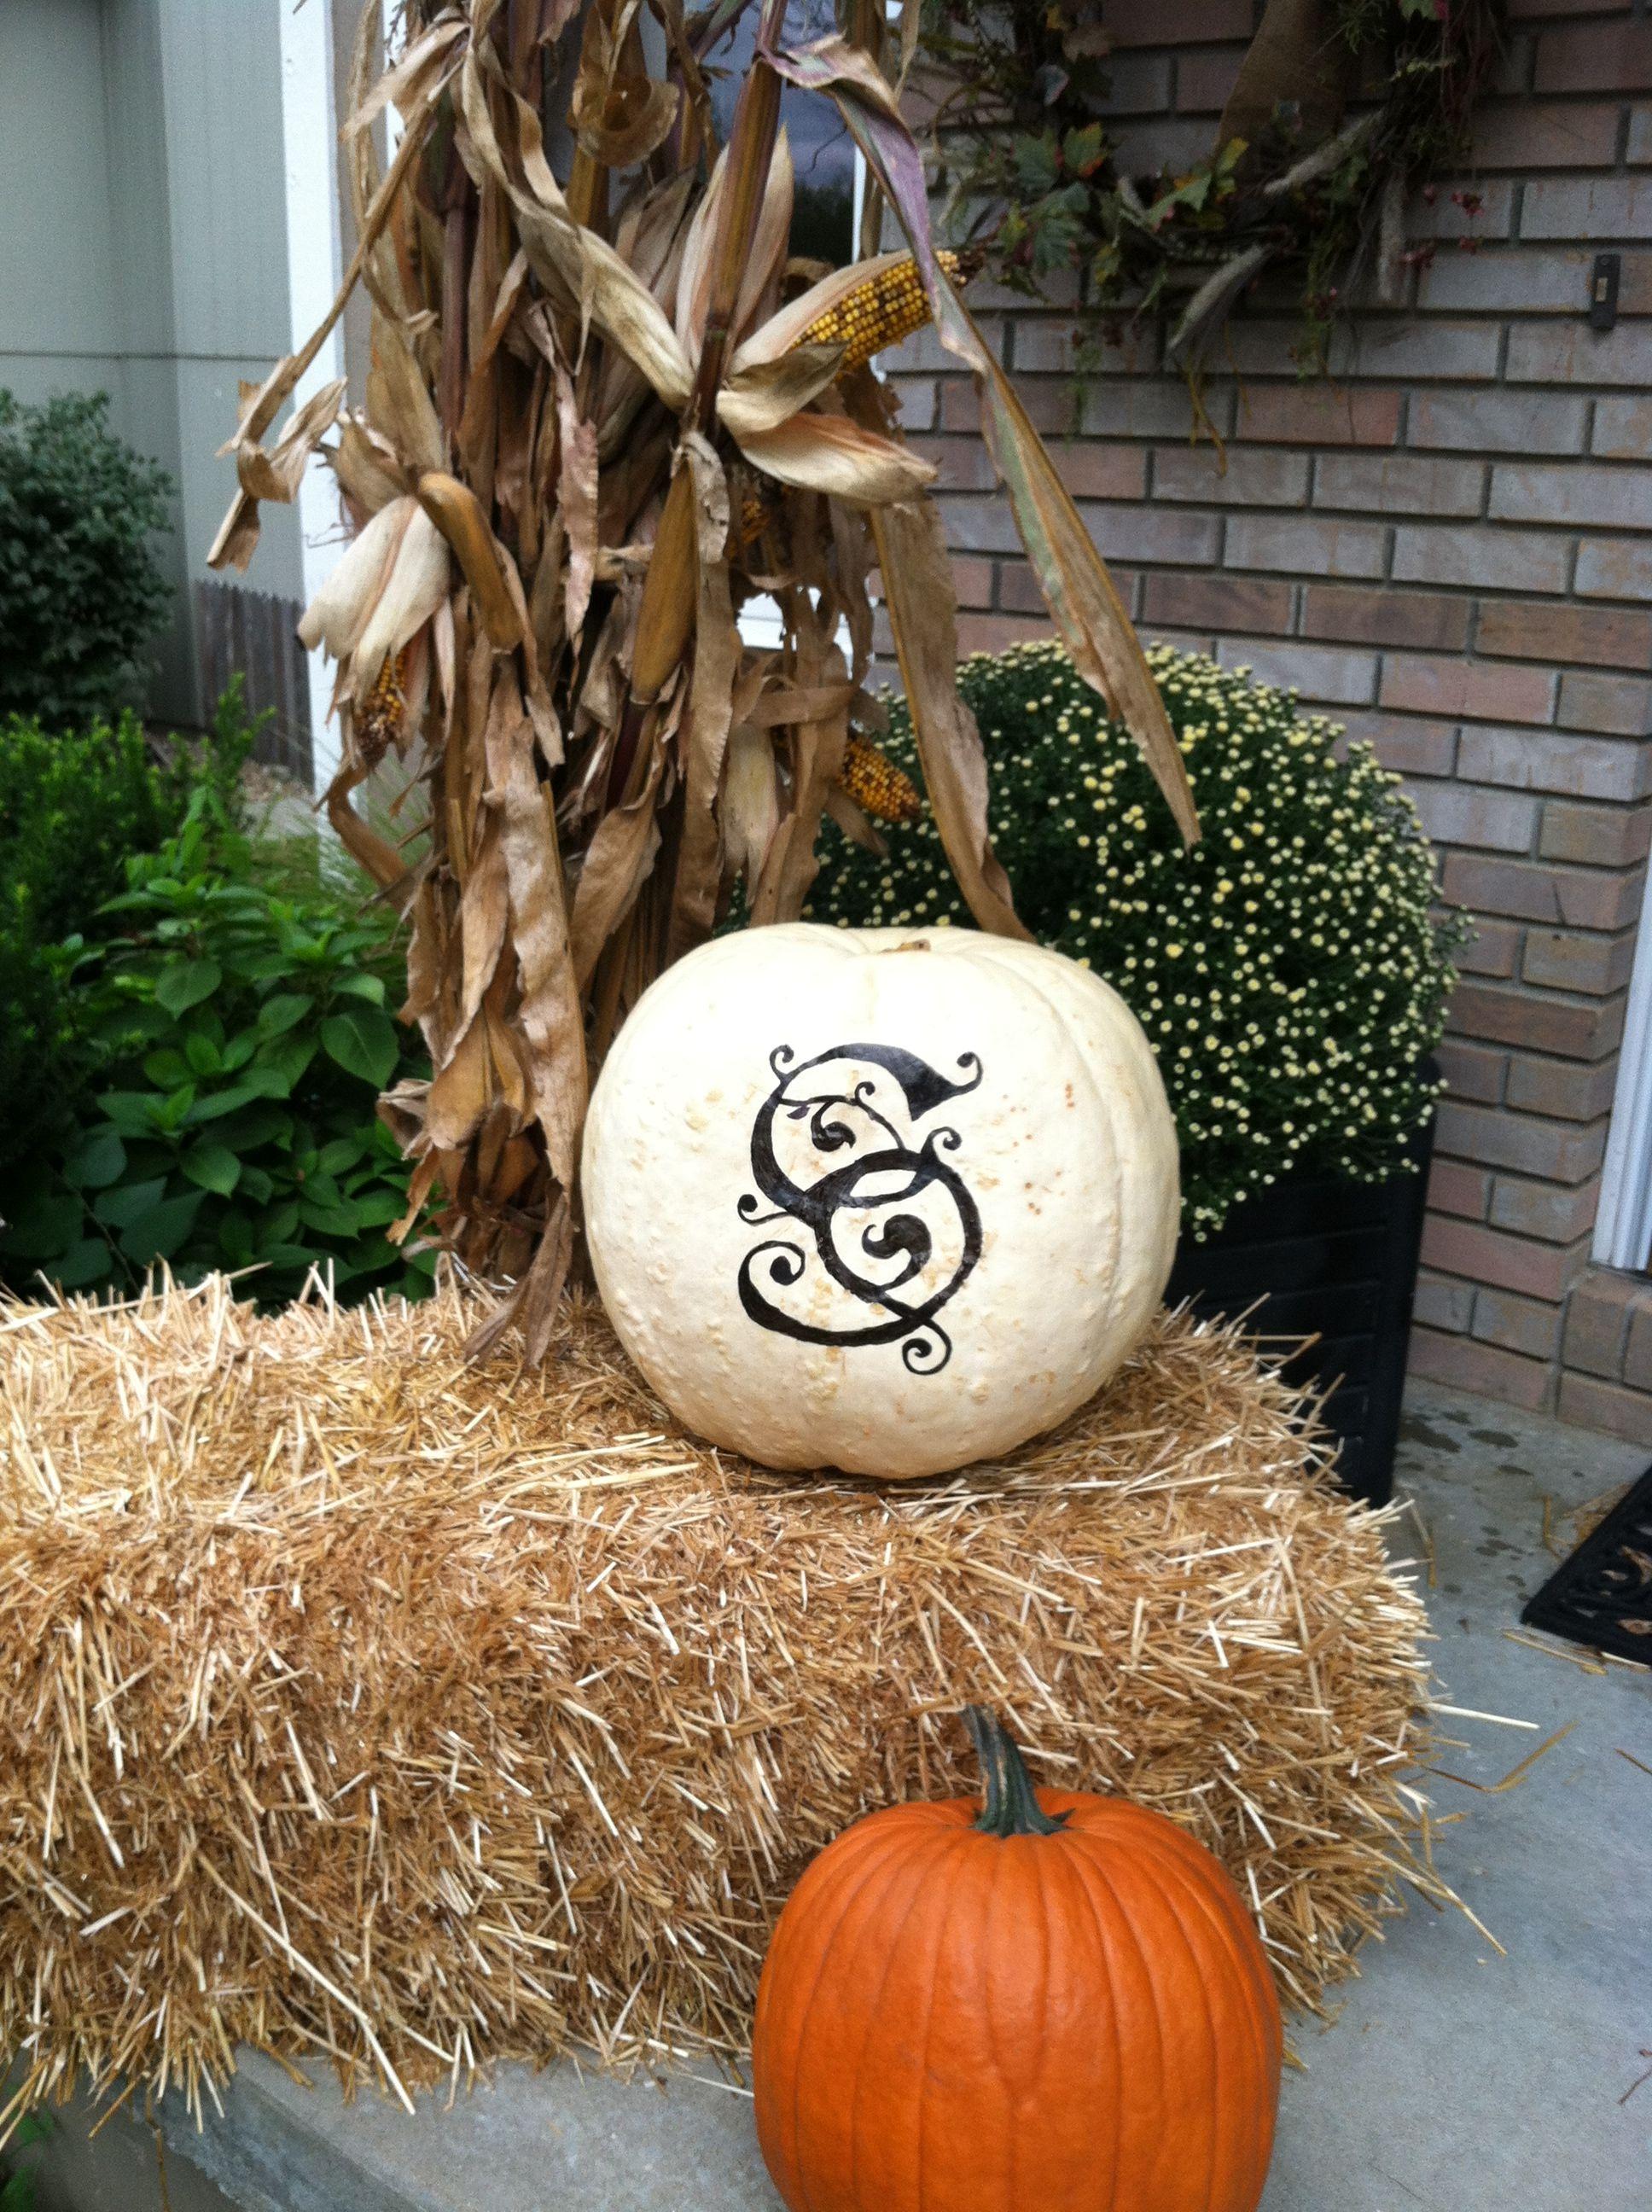 My big white pumpkin!